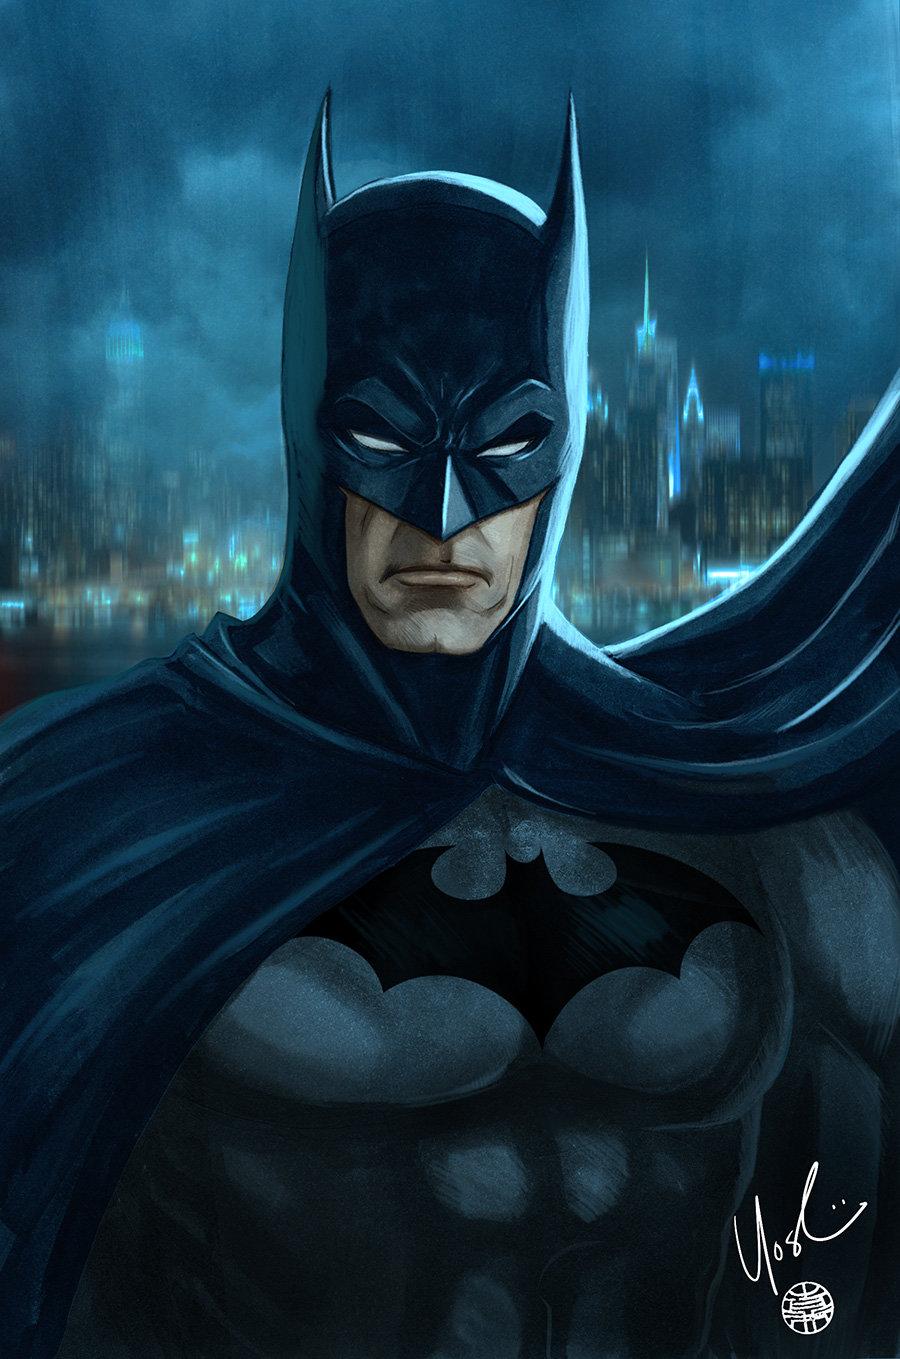 картинка задай мне вопрос с бэтменом мог